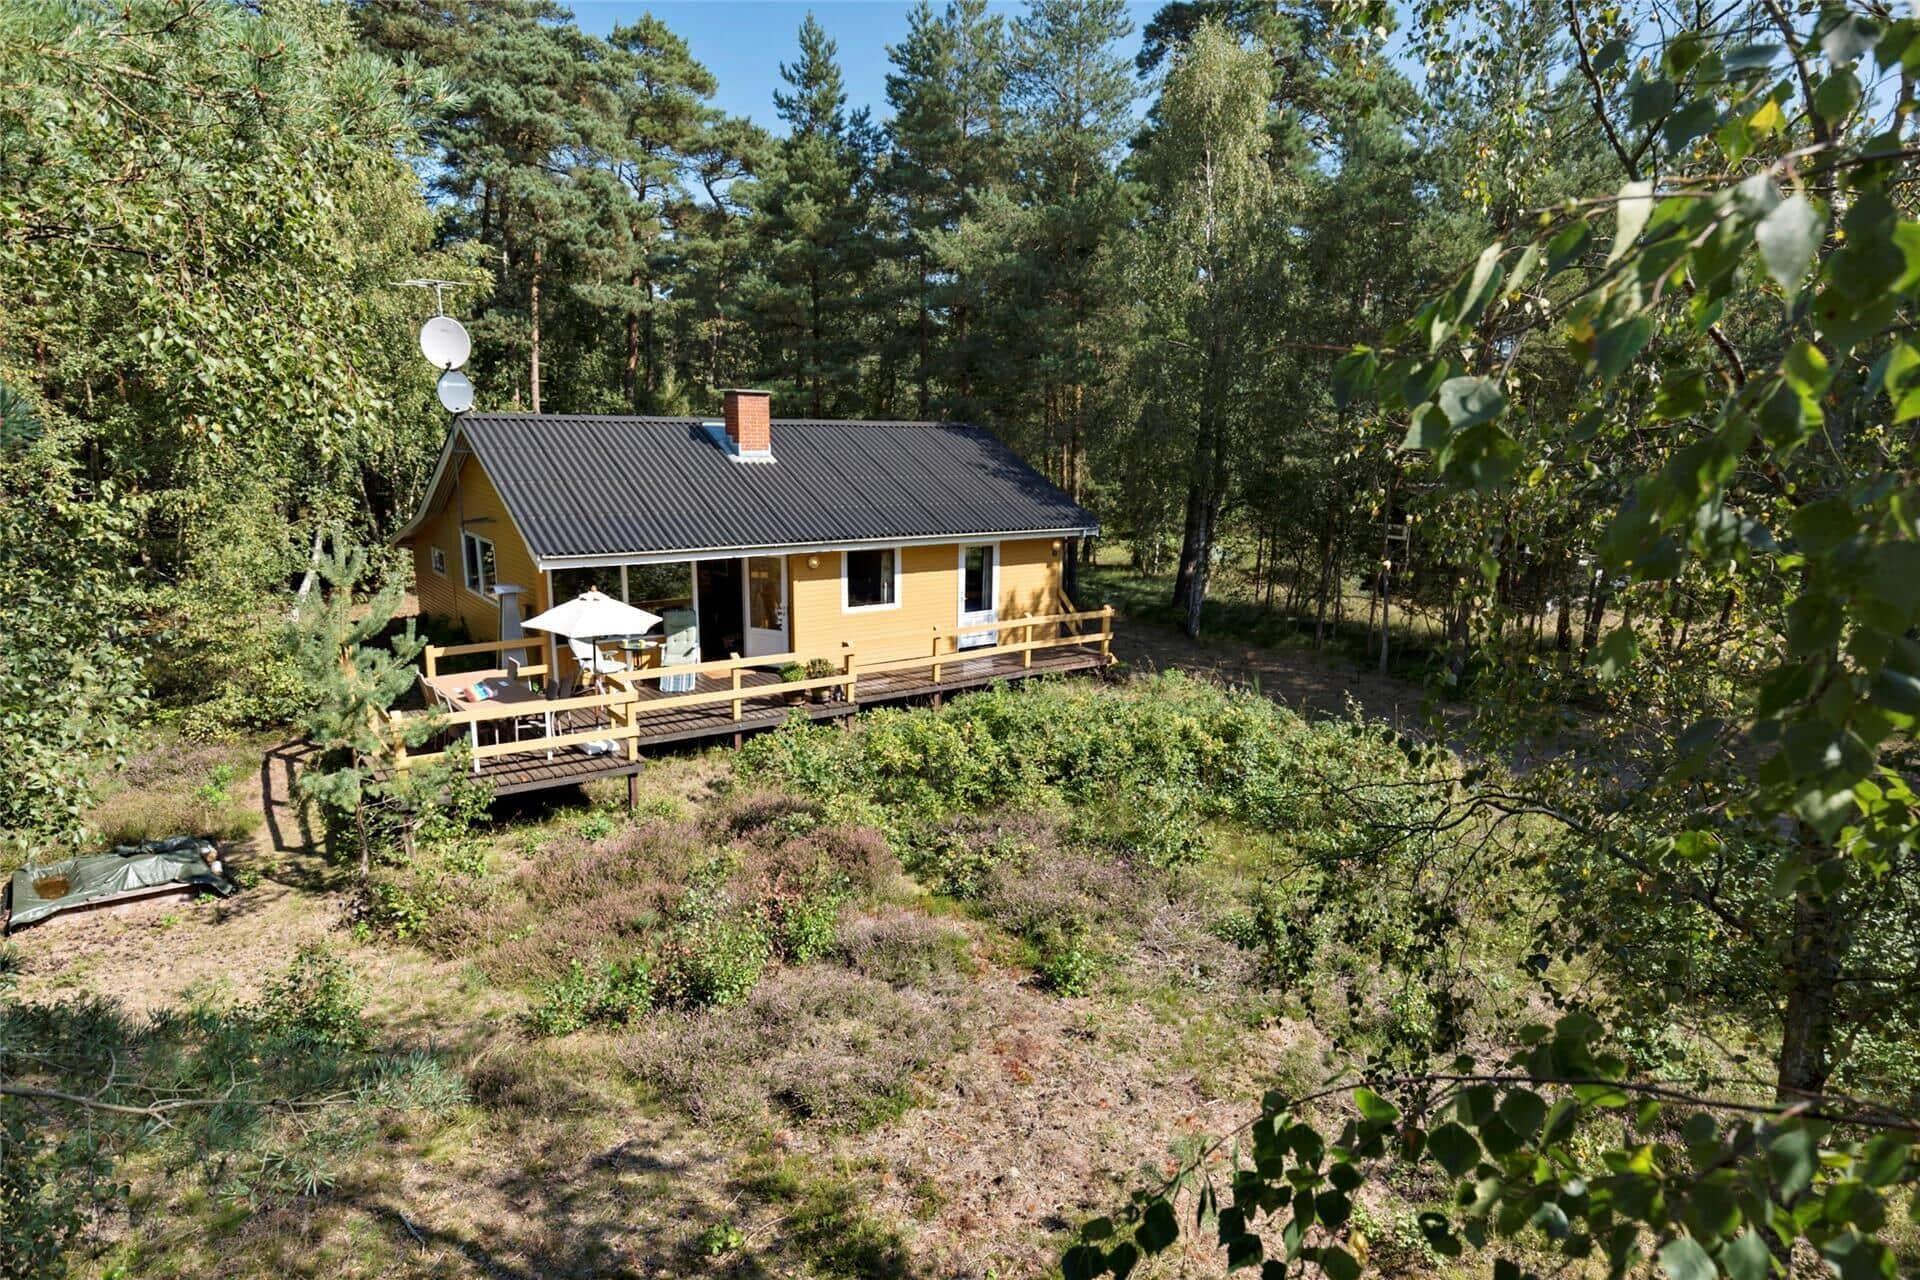 Afbeelding 1-10 Vakantiehuis 2604, Ternestien 7, DK - 3730 Nexø